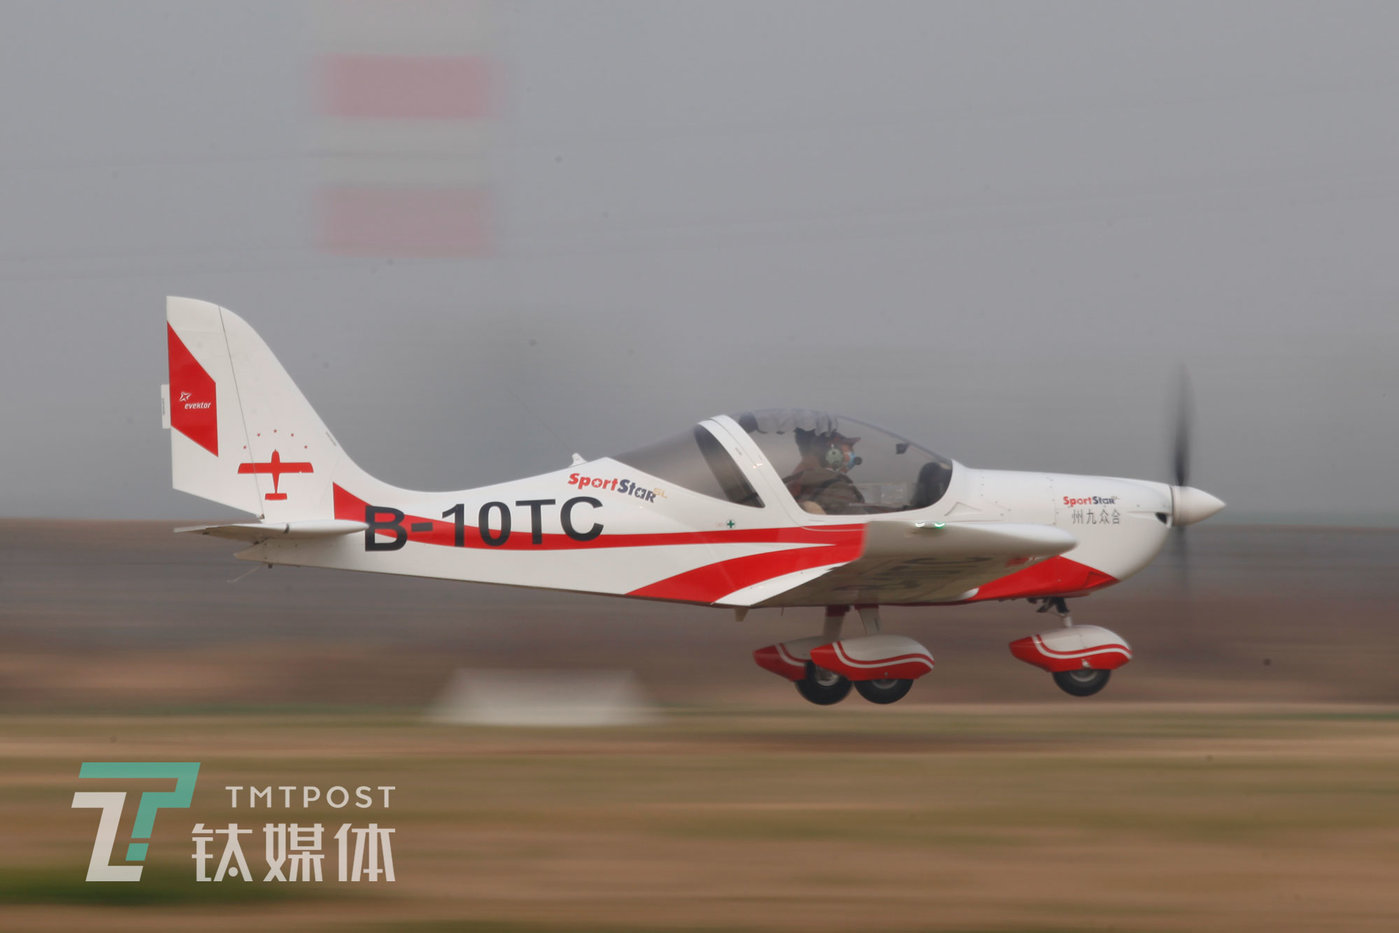 2020年11月16日,河北衡水中国航协衡水航空飞行营地,一架运动飞机正在起飞。